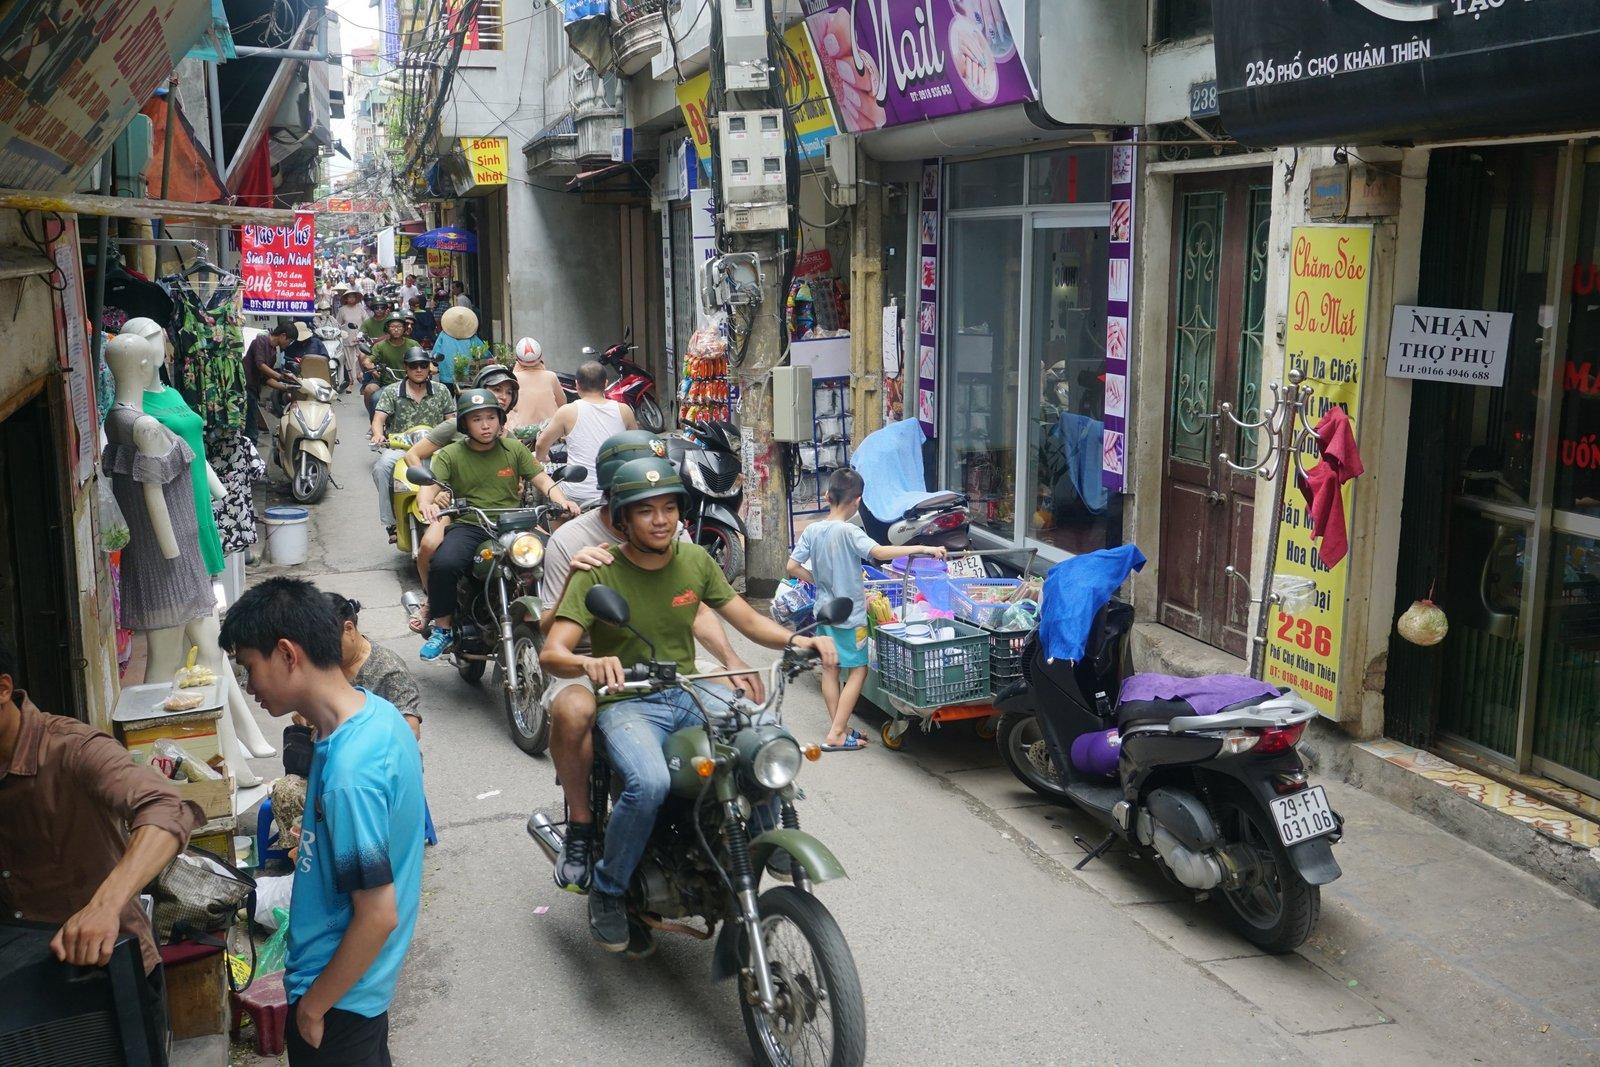 Hanoi Backstreet Tours, Hanoi motorbike tours, Hanoi motorbike city tours, Hanoi food tours motorcycle, Hanoi motorcycle tours, Hanoi Vespa Tours, Hanoi Scooter tours, Hanoi Jeep tours